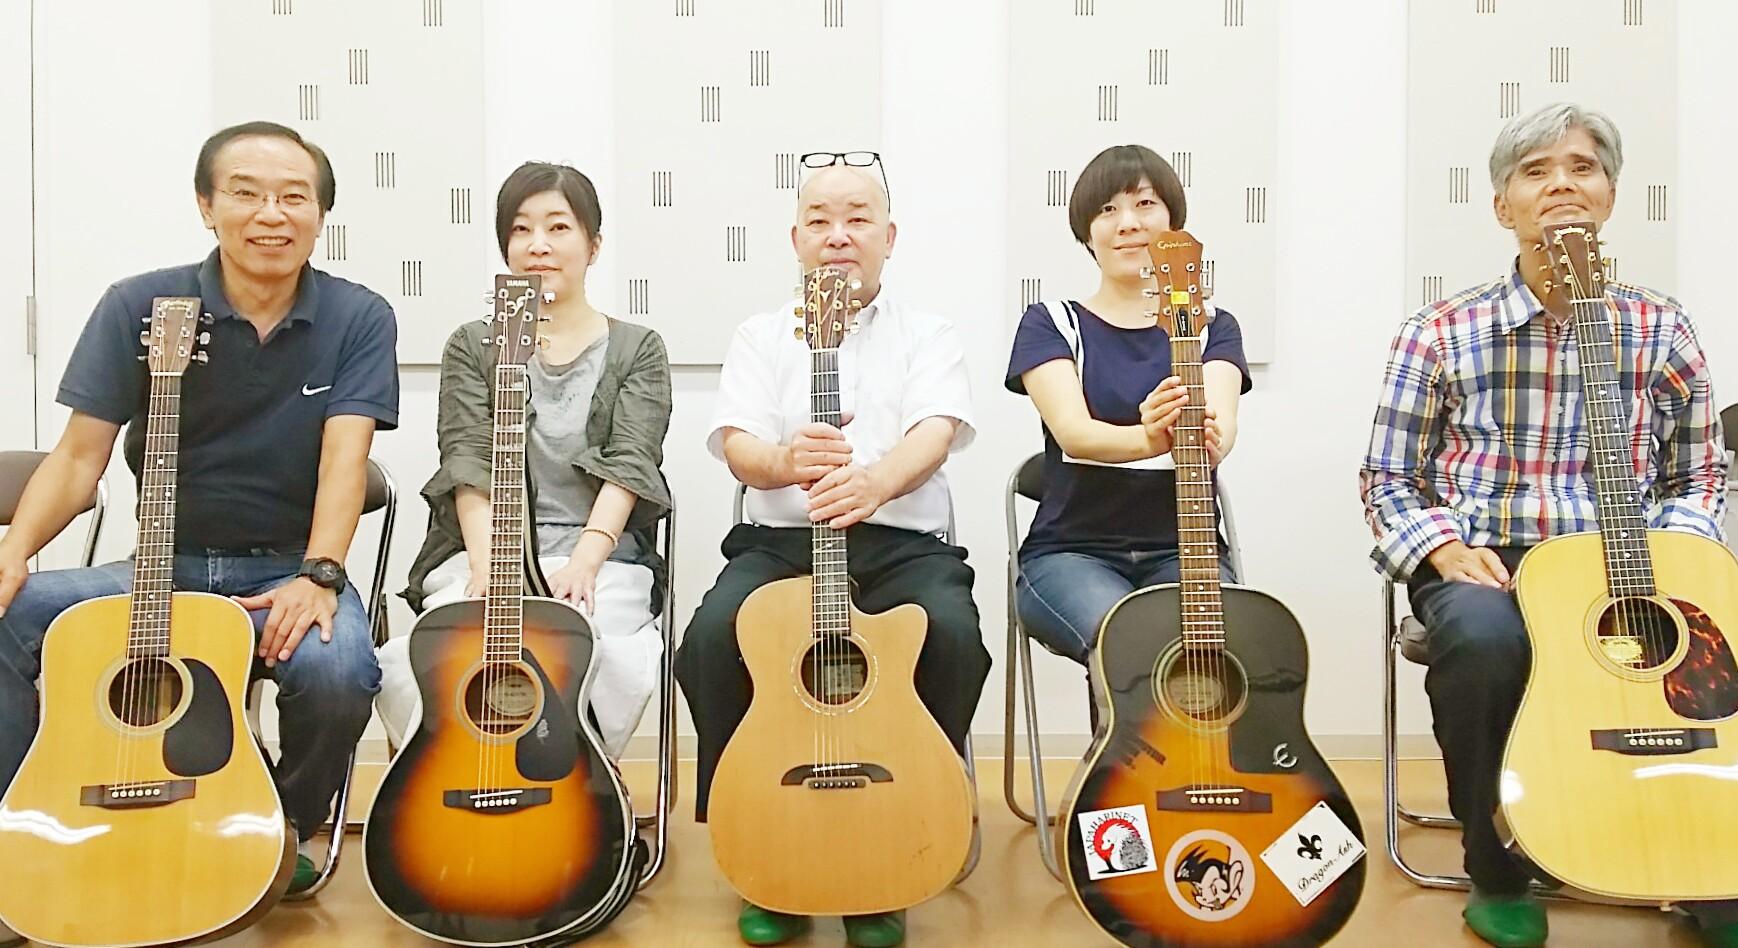 通期:まる先生のフォークギター教室【隔週コース】 8月21日~5回